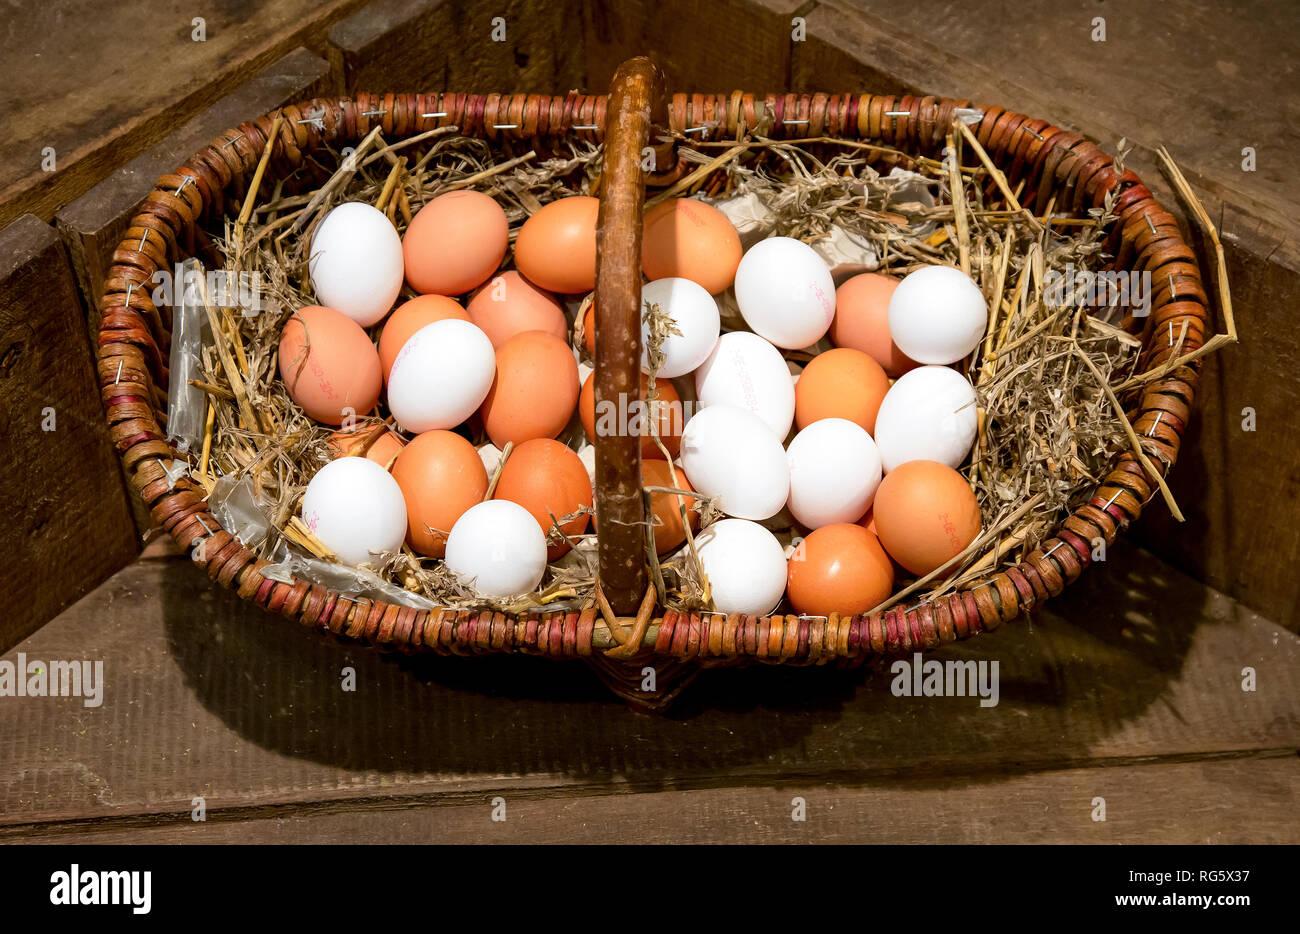 Brown and white eggs lying on straw in a wicker basket, farm shop, asparagus farm Schulte-Scherlebeck, Braune und weisse Eier liegen auf Stroh im Weid Stock Photo